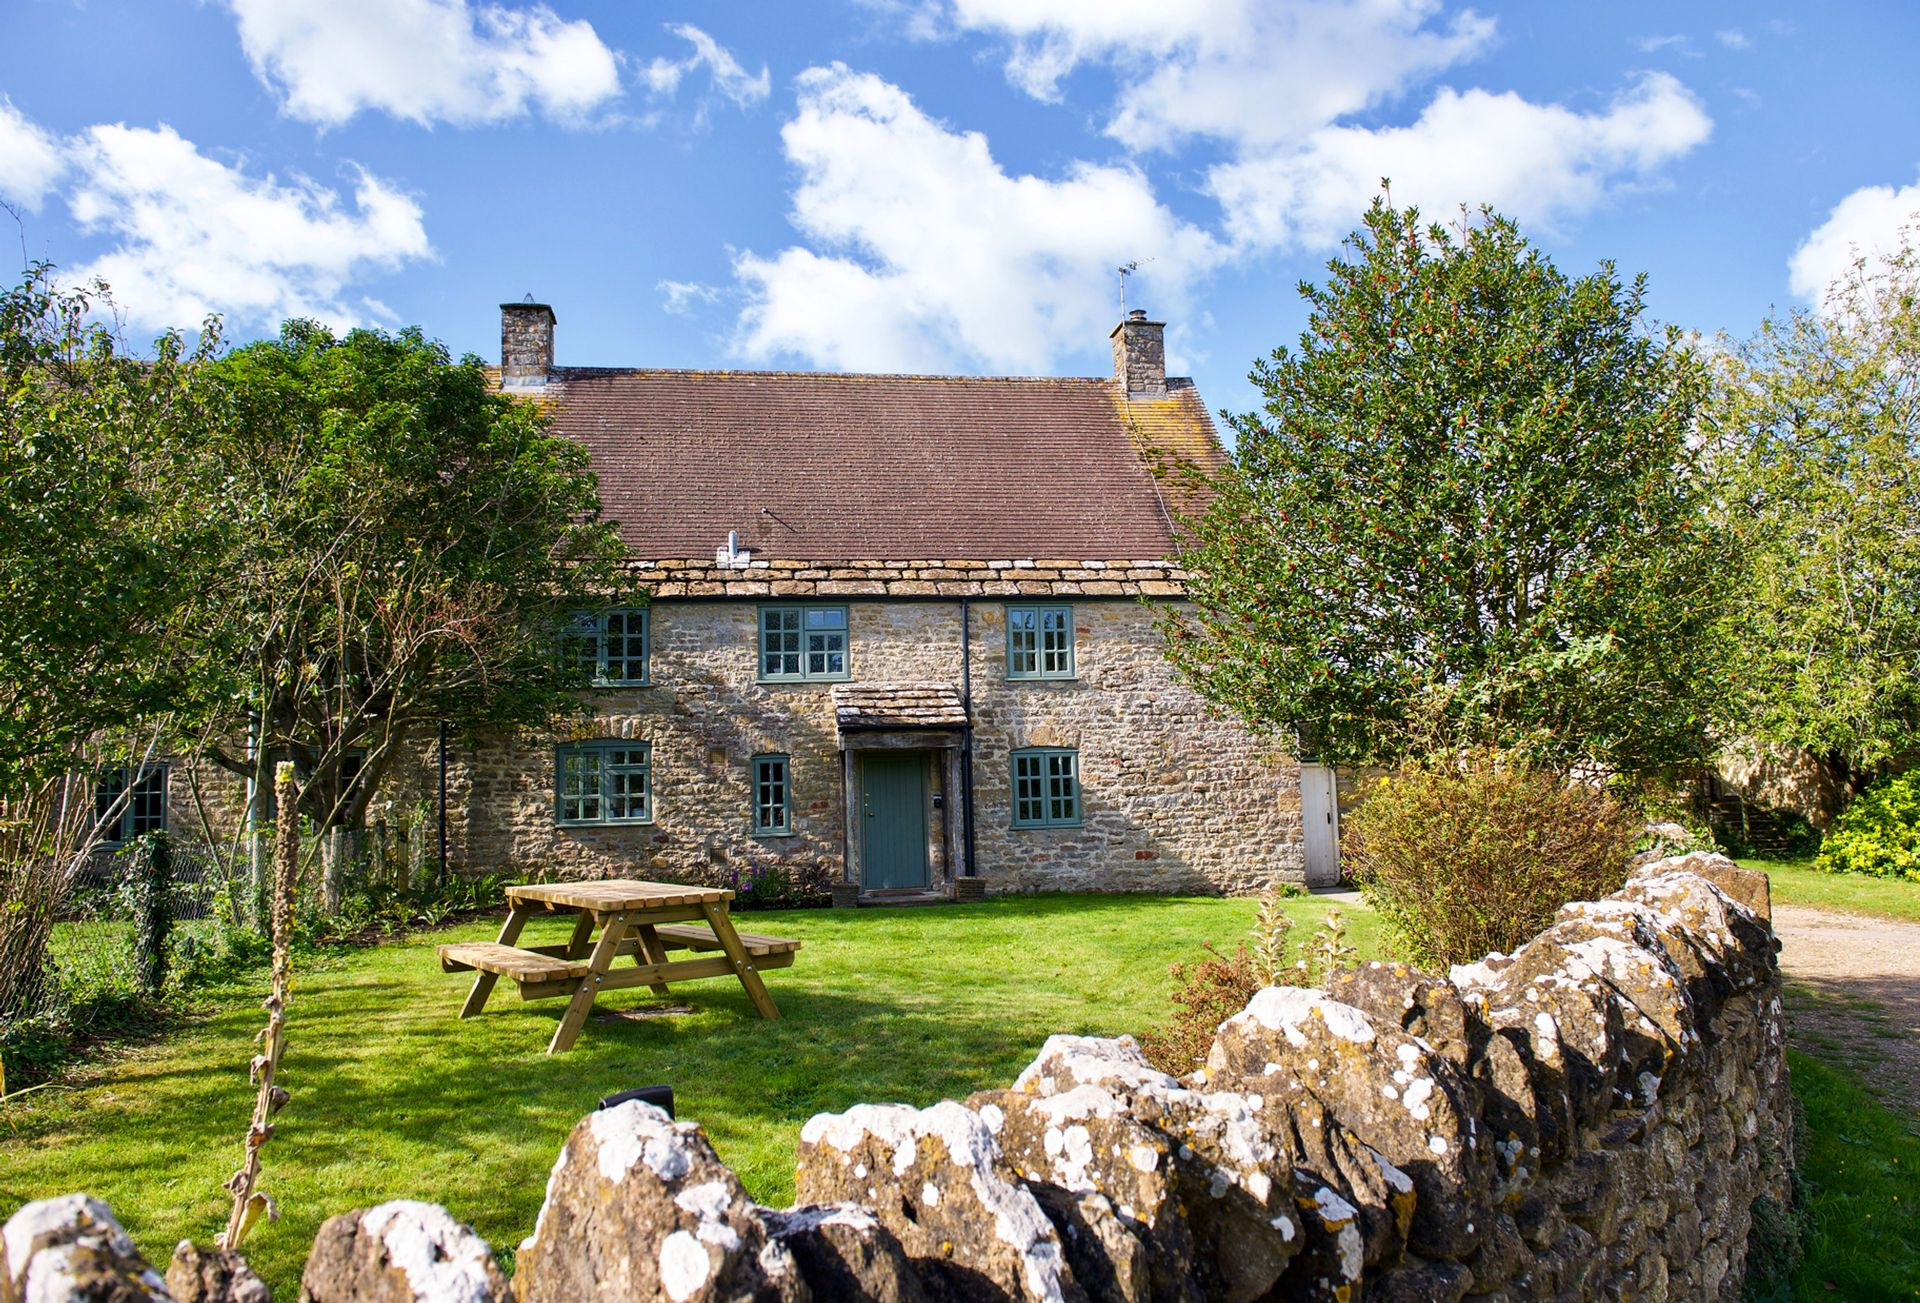 Bake House Cottage